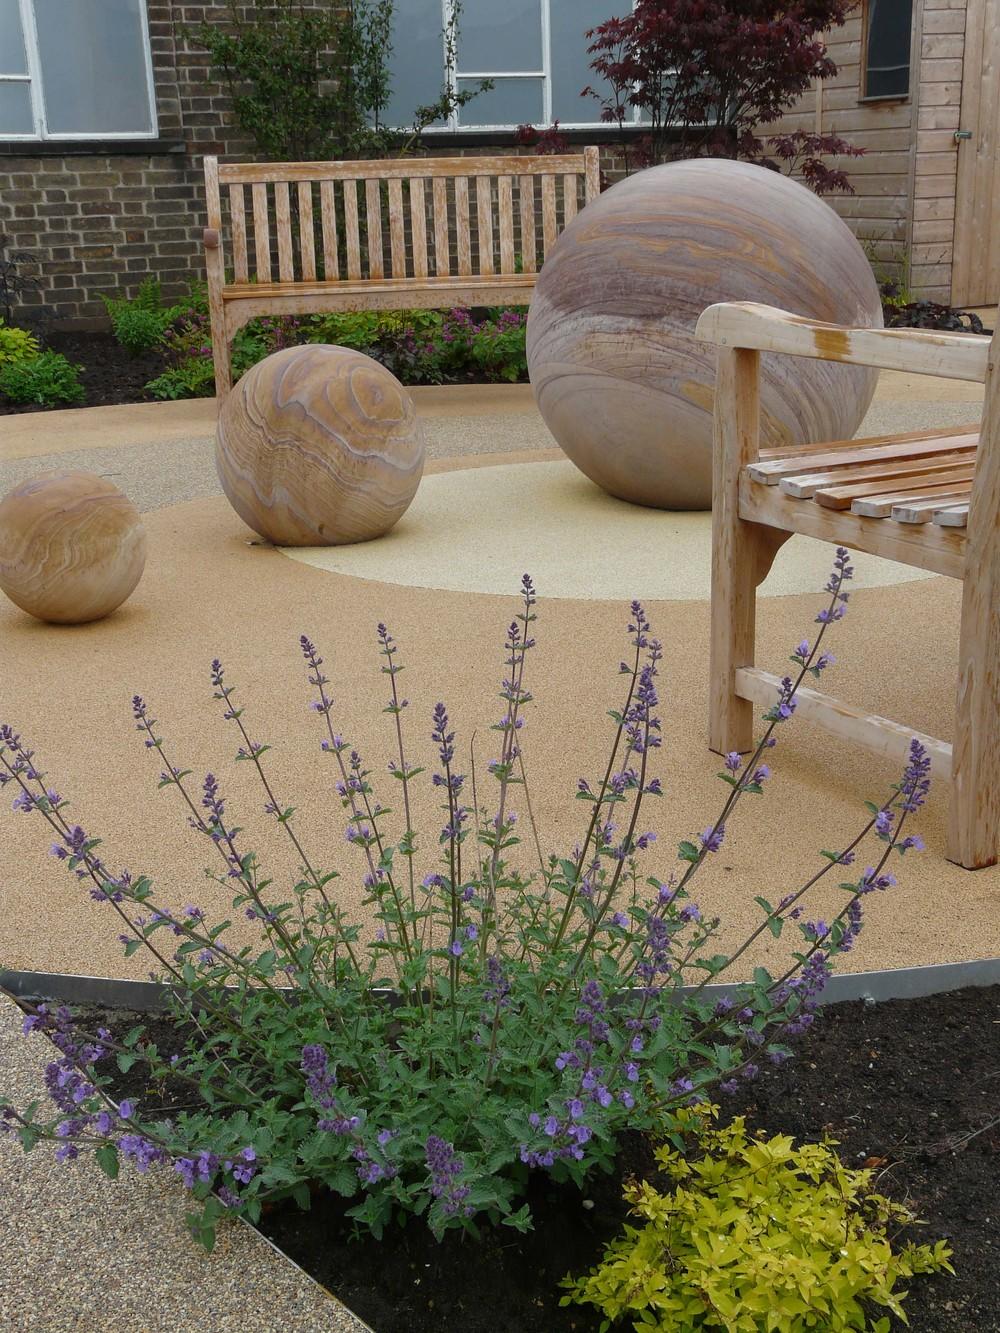 Past projects guy petheram garden design stone balls in dementia gardeng workwithnaturefo